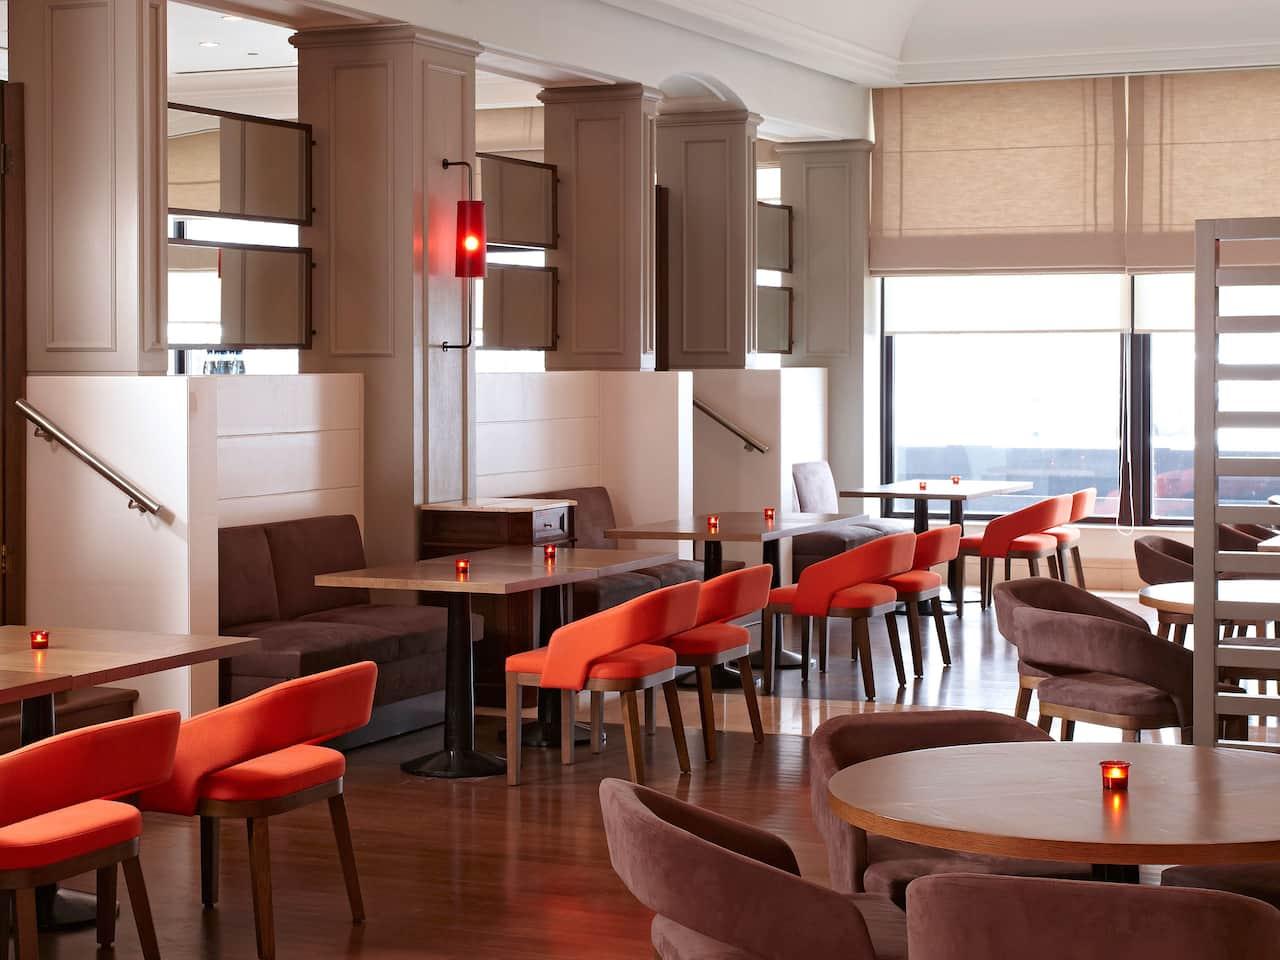 Crostini restaurant